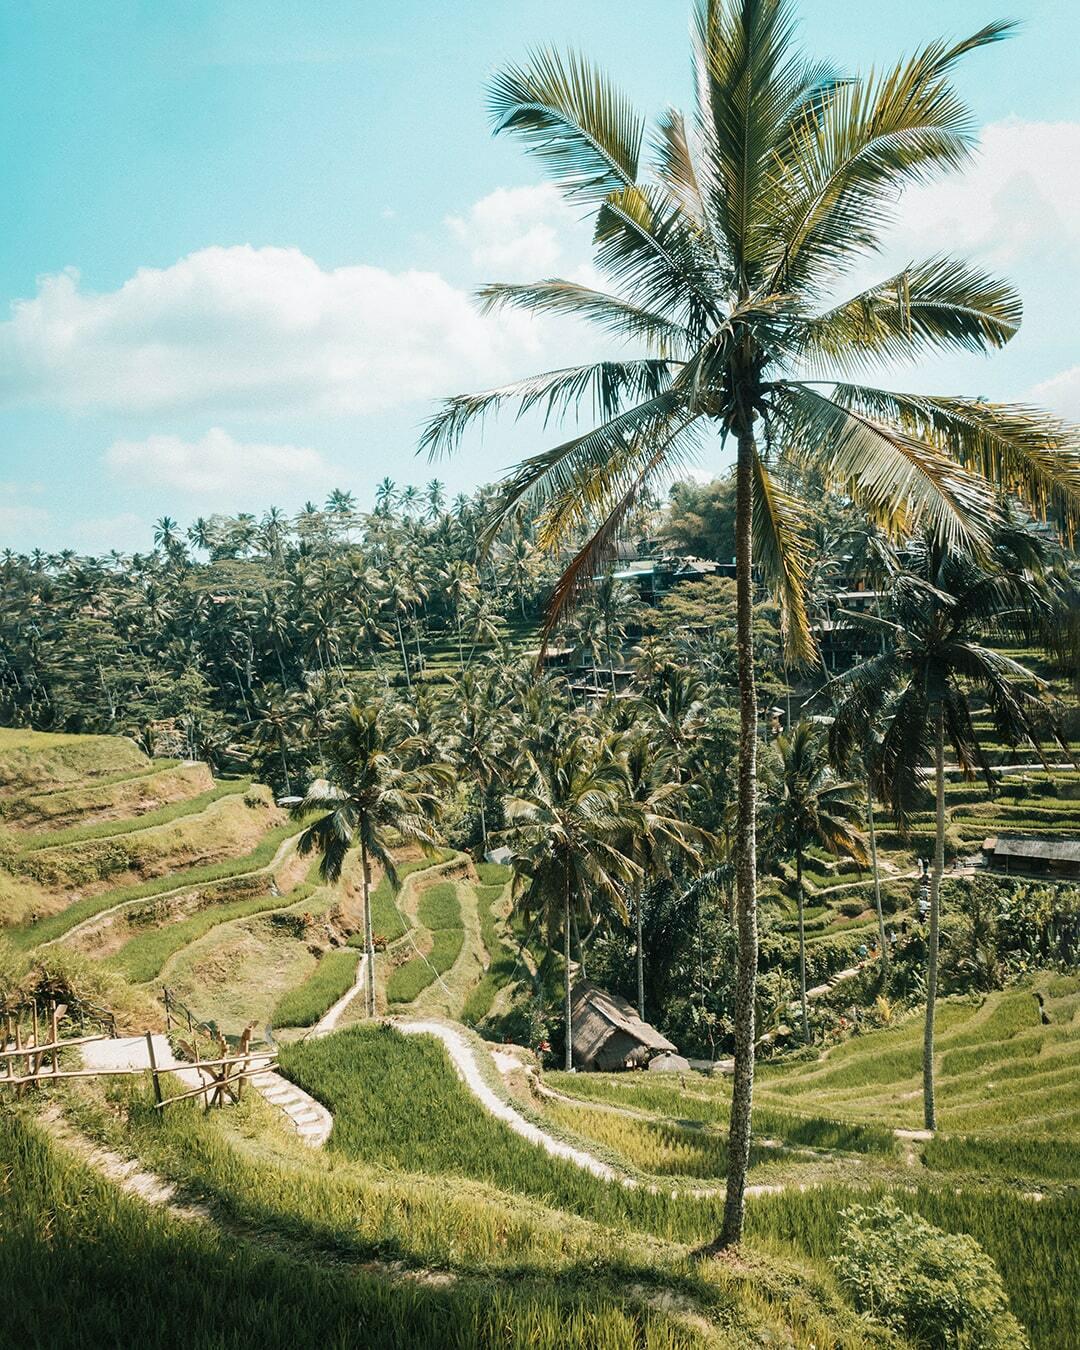 Foto van Instagram Simon Wijers, genomen op reis in Bali